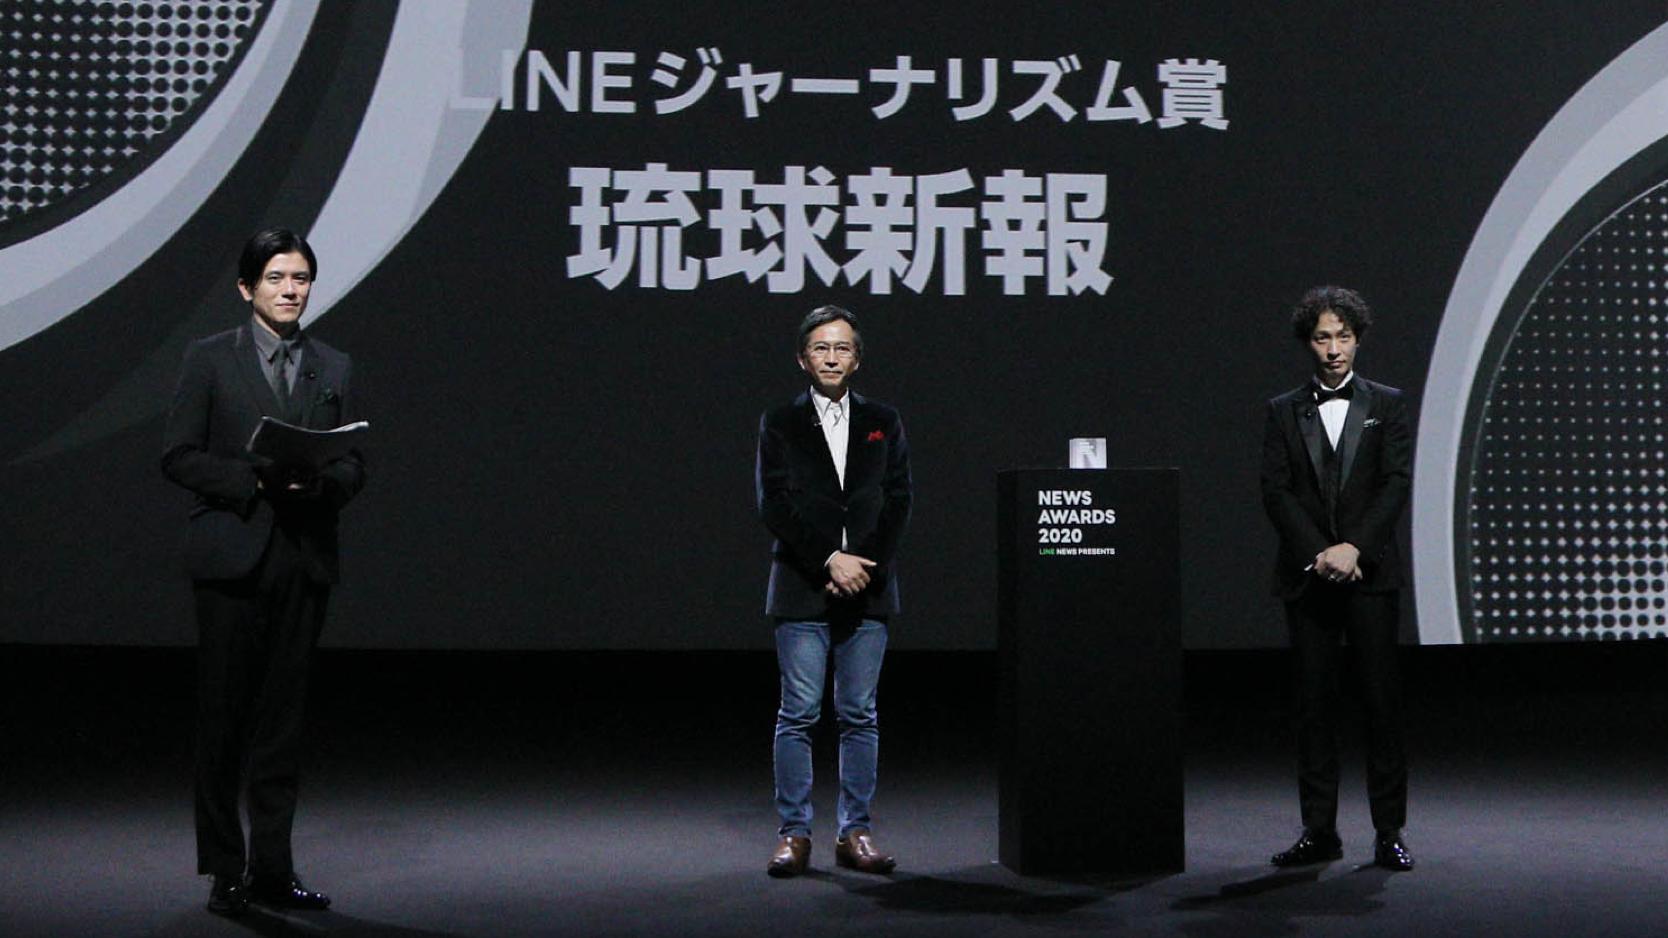 LINEジャーナリズム授賞式